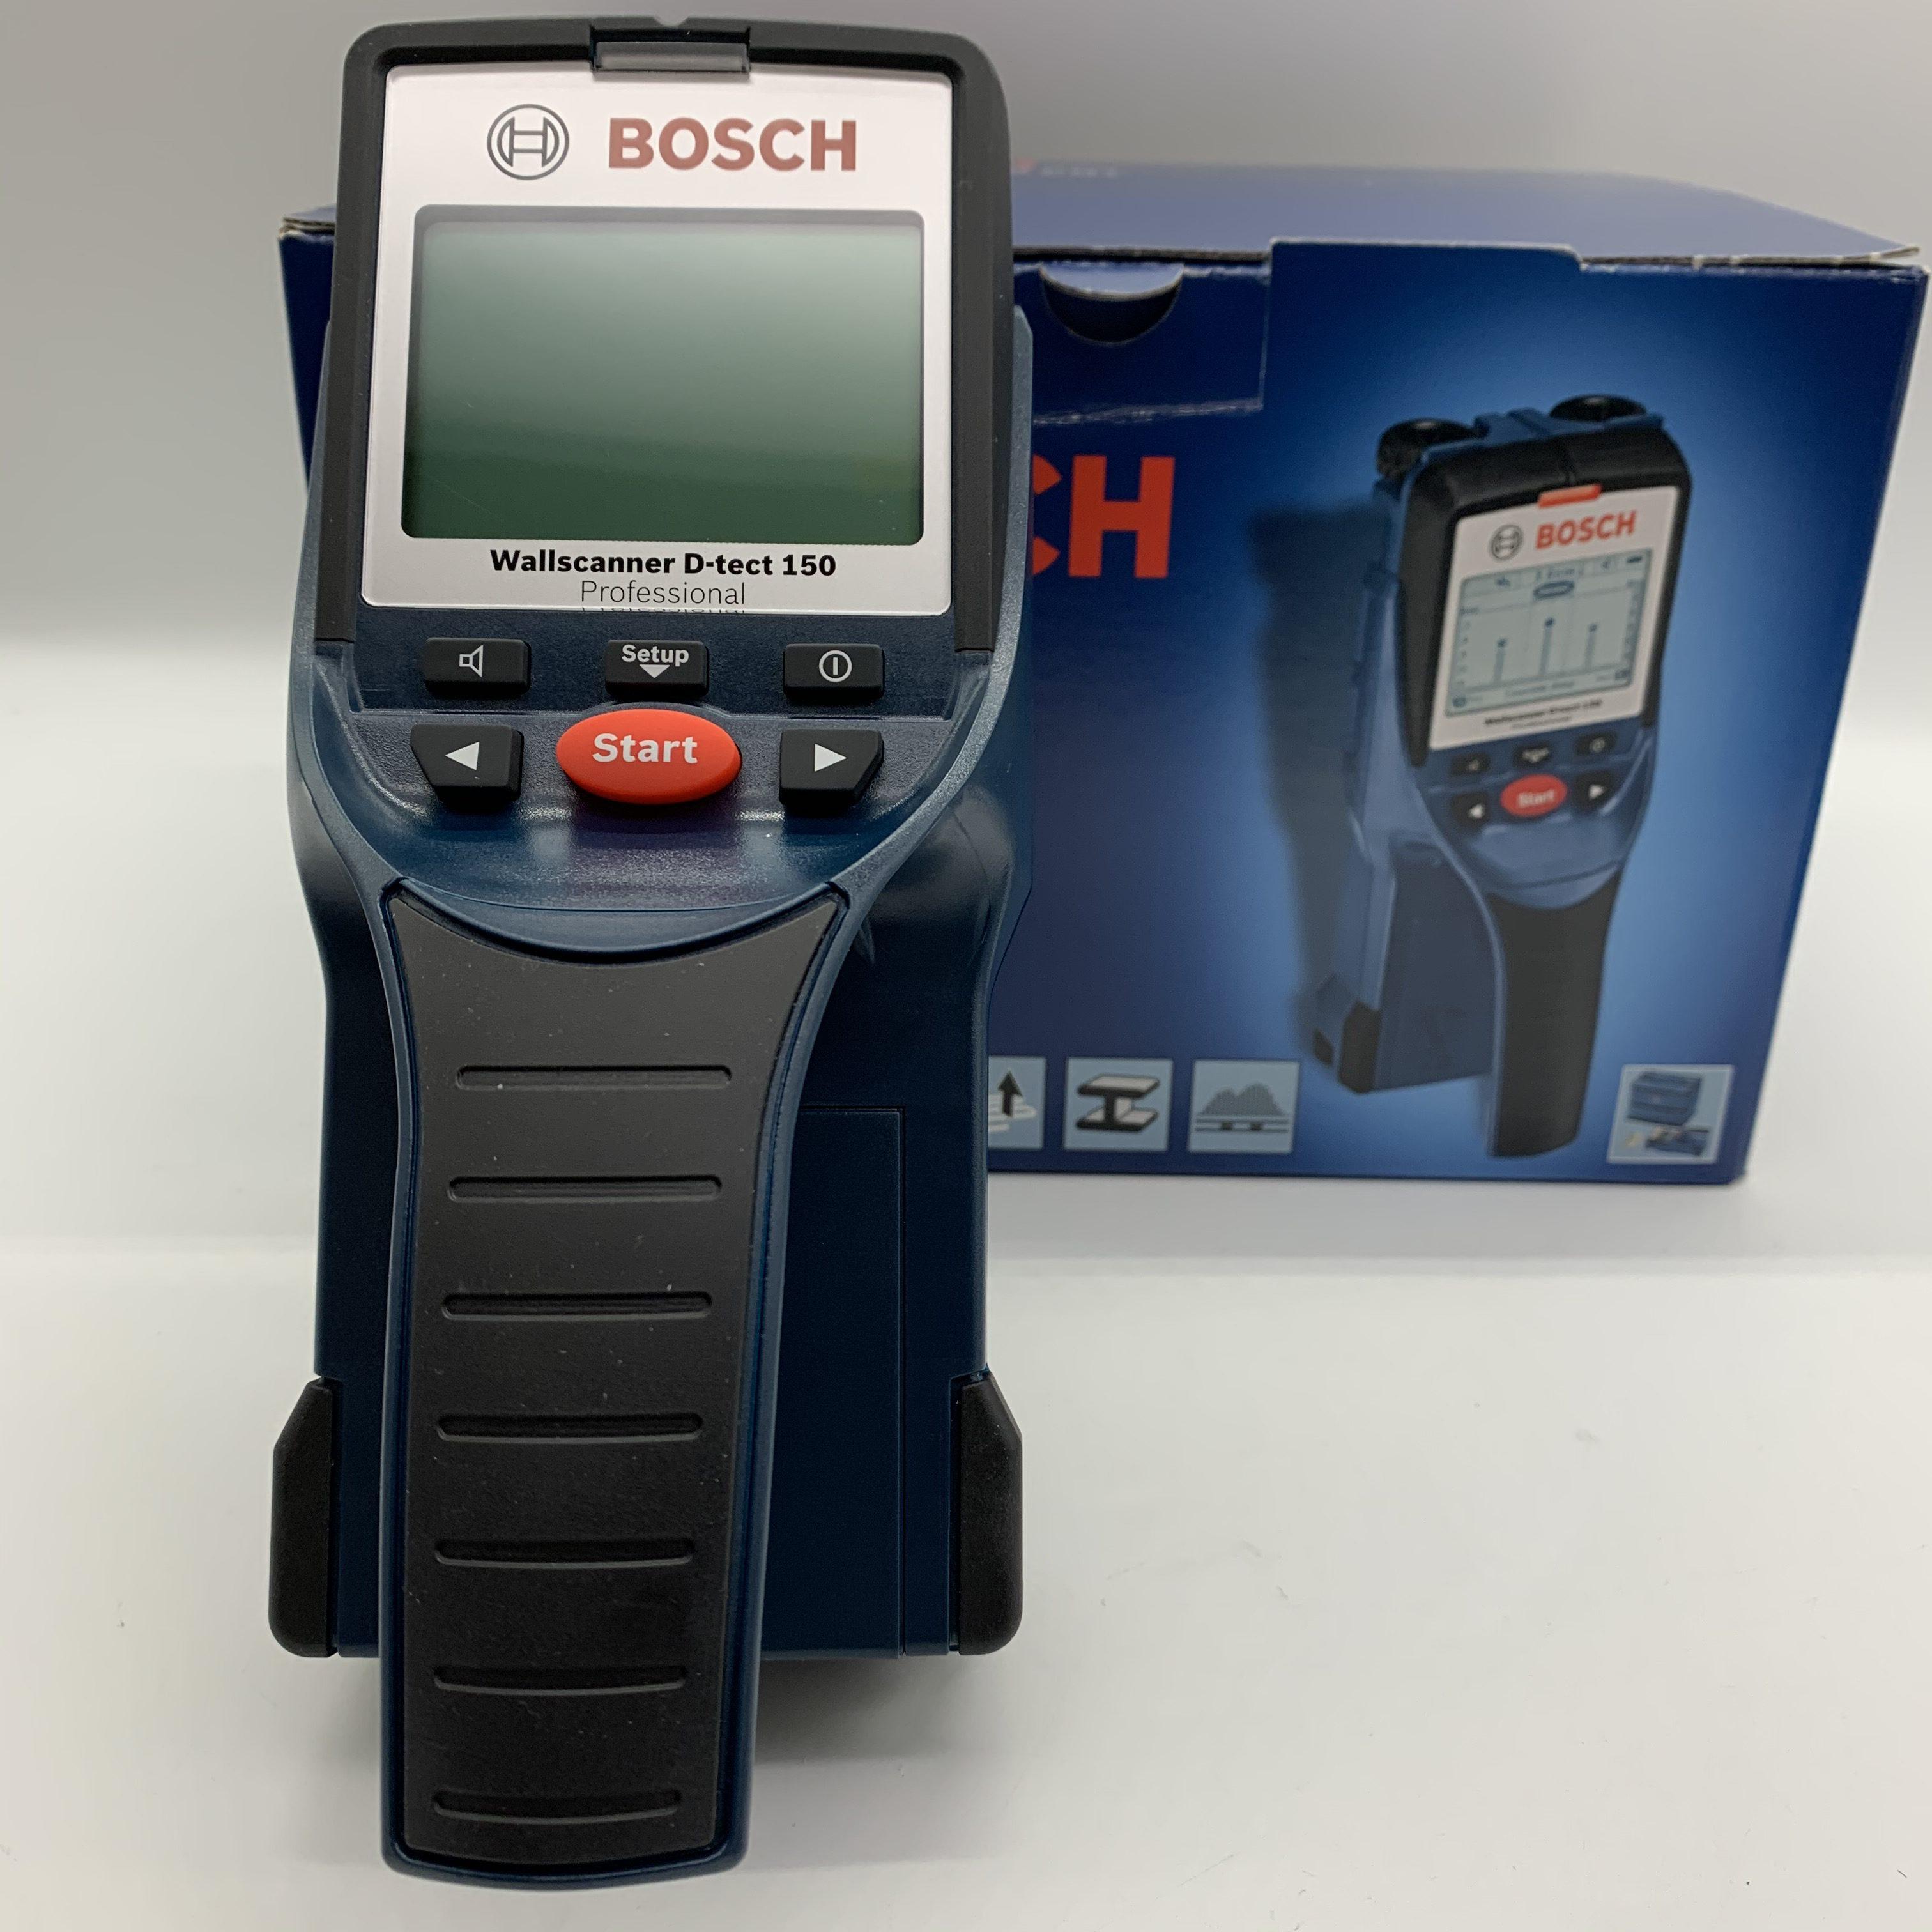 Bosch D-tect 150 Professional 入荷☆サンステッププラスワッセ店 買取 買い取り 福井市